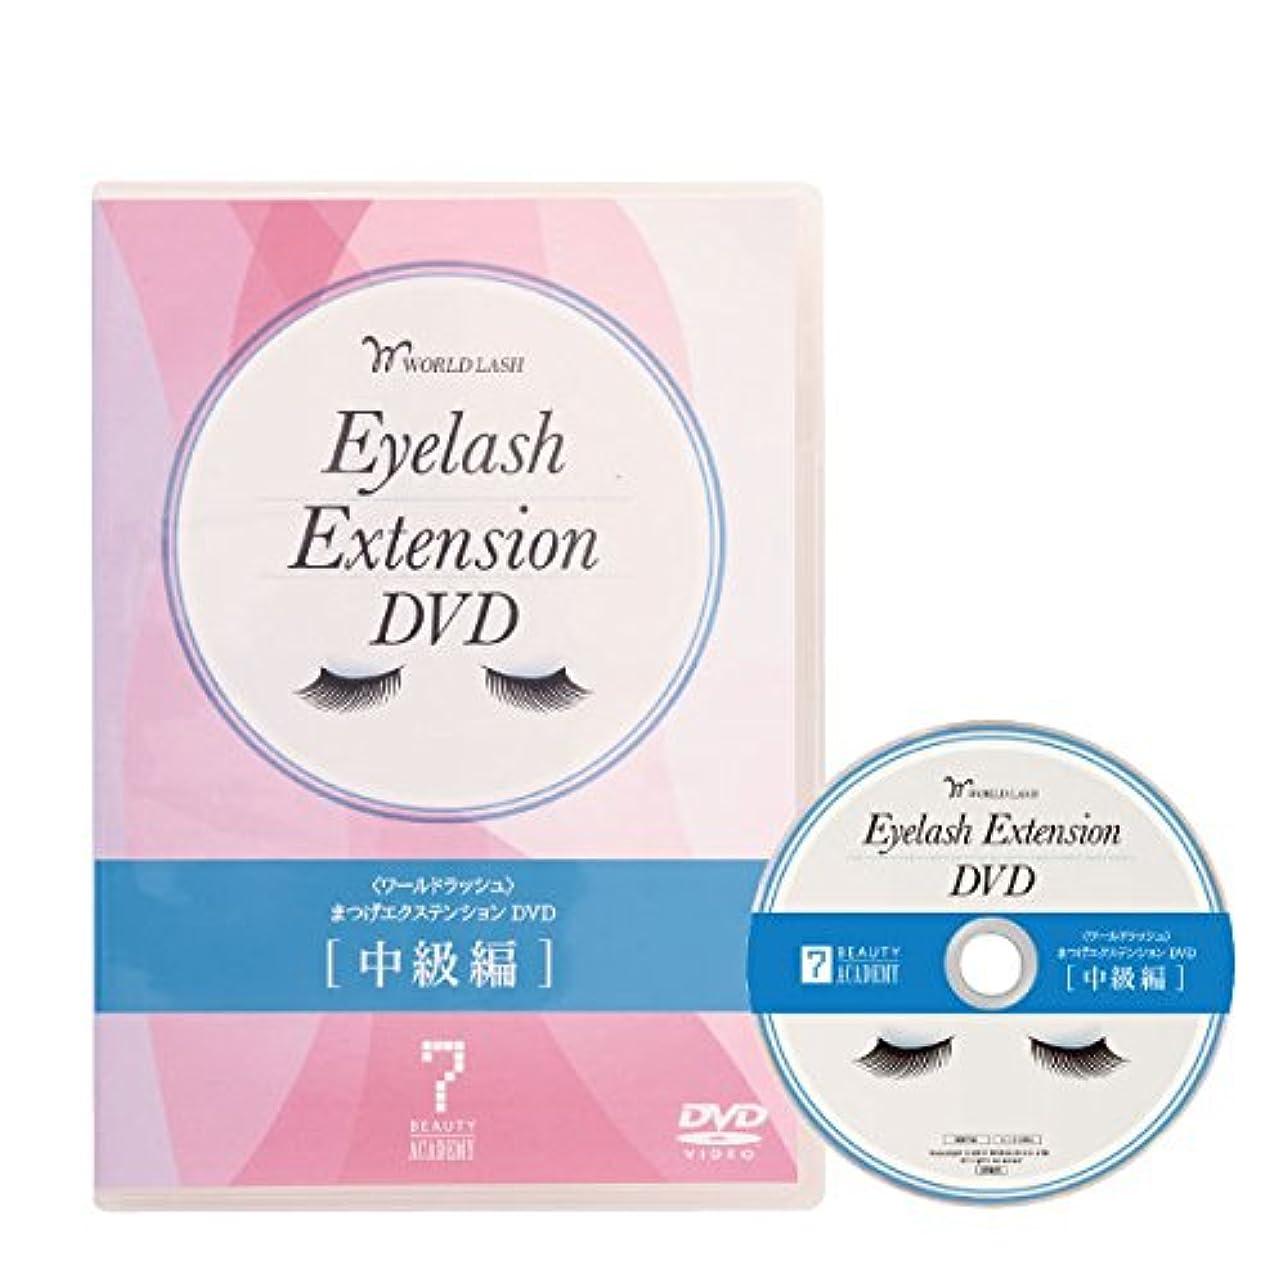 フェッチ帆予測子< WORLD LASH > まつげエクステンション DVD (中級編) [ 教材 テキスト DVD まつげエクステ まつ毛エクステ まつエク マツエク サロン用 ]